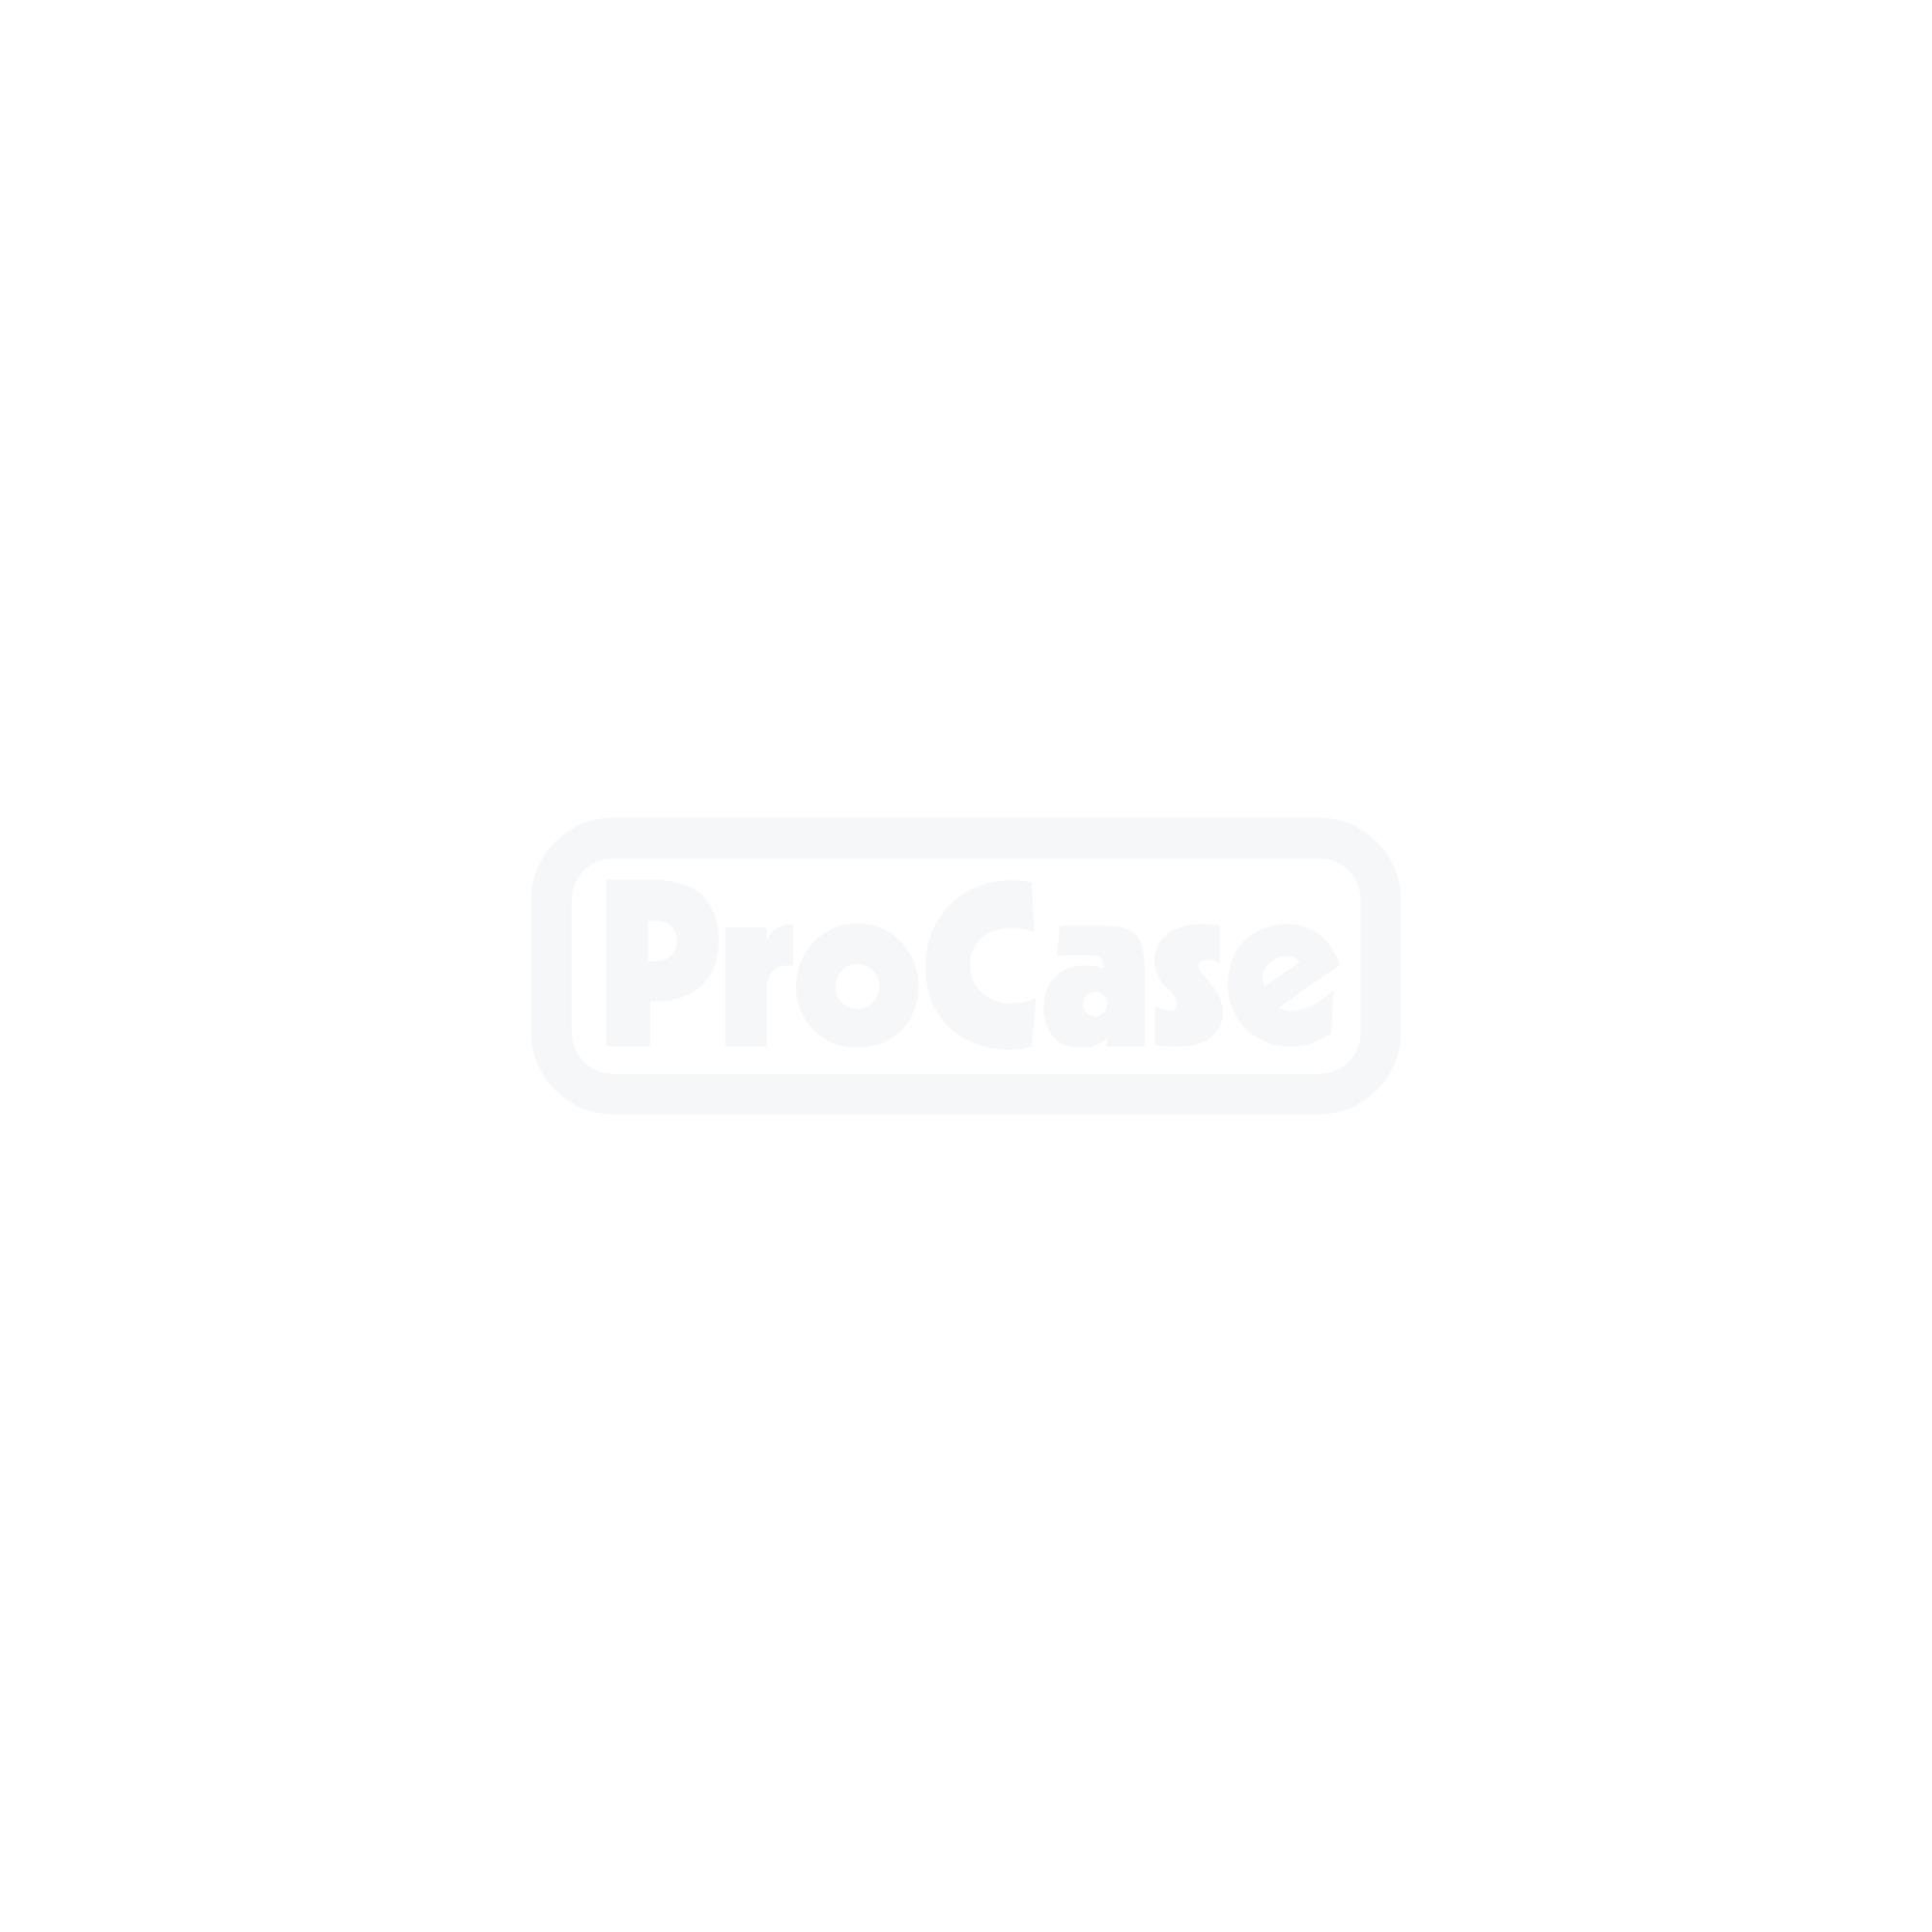 Transportwagen für 4 Shure Microflex MXCWNCS Ladestationen und 2 MXCWAPT Access Points